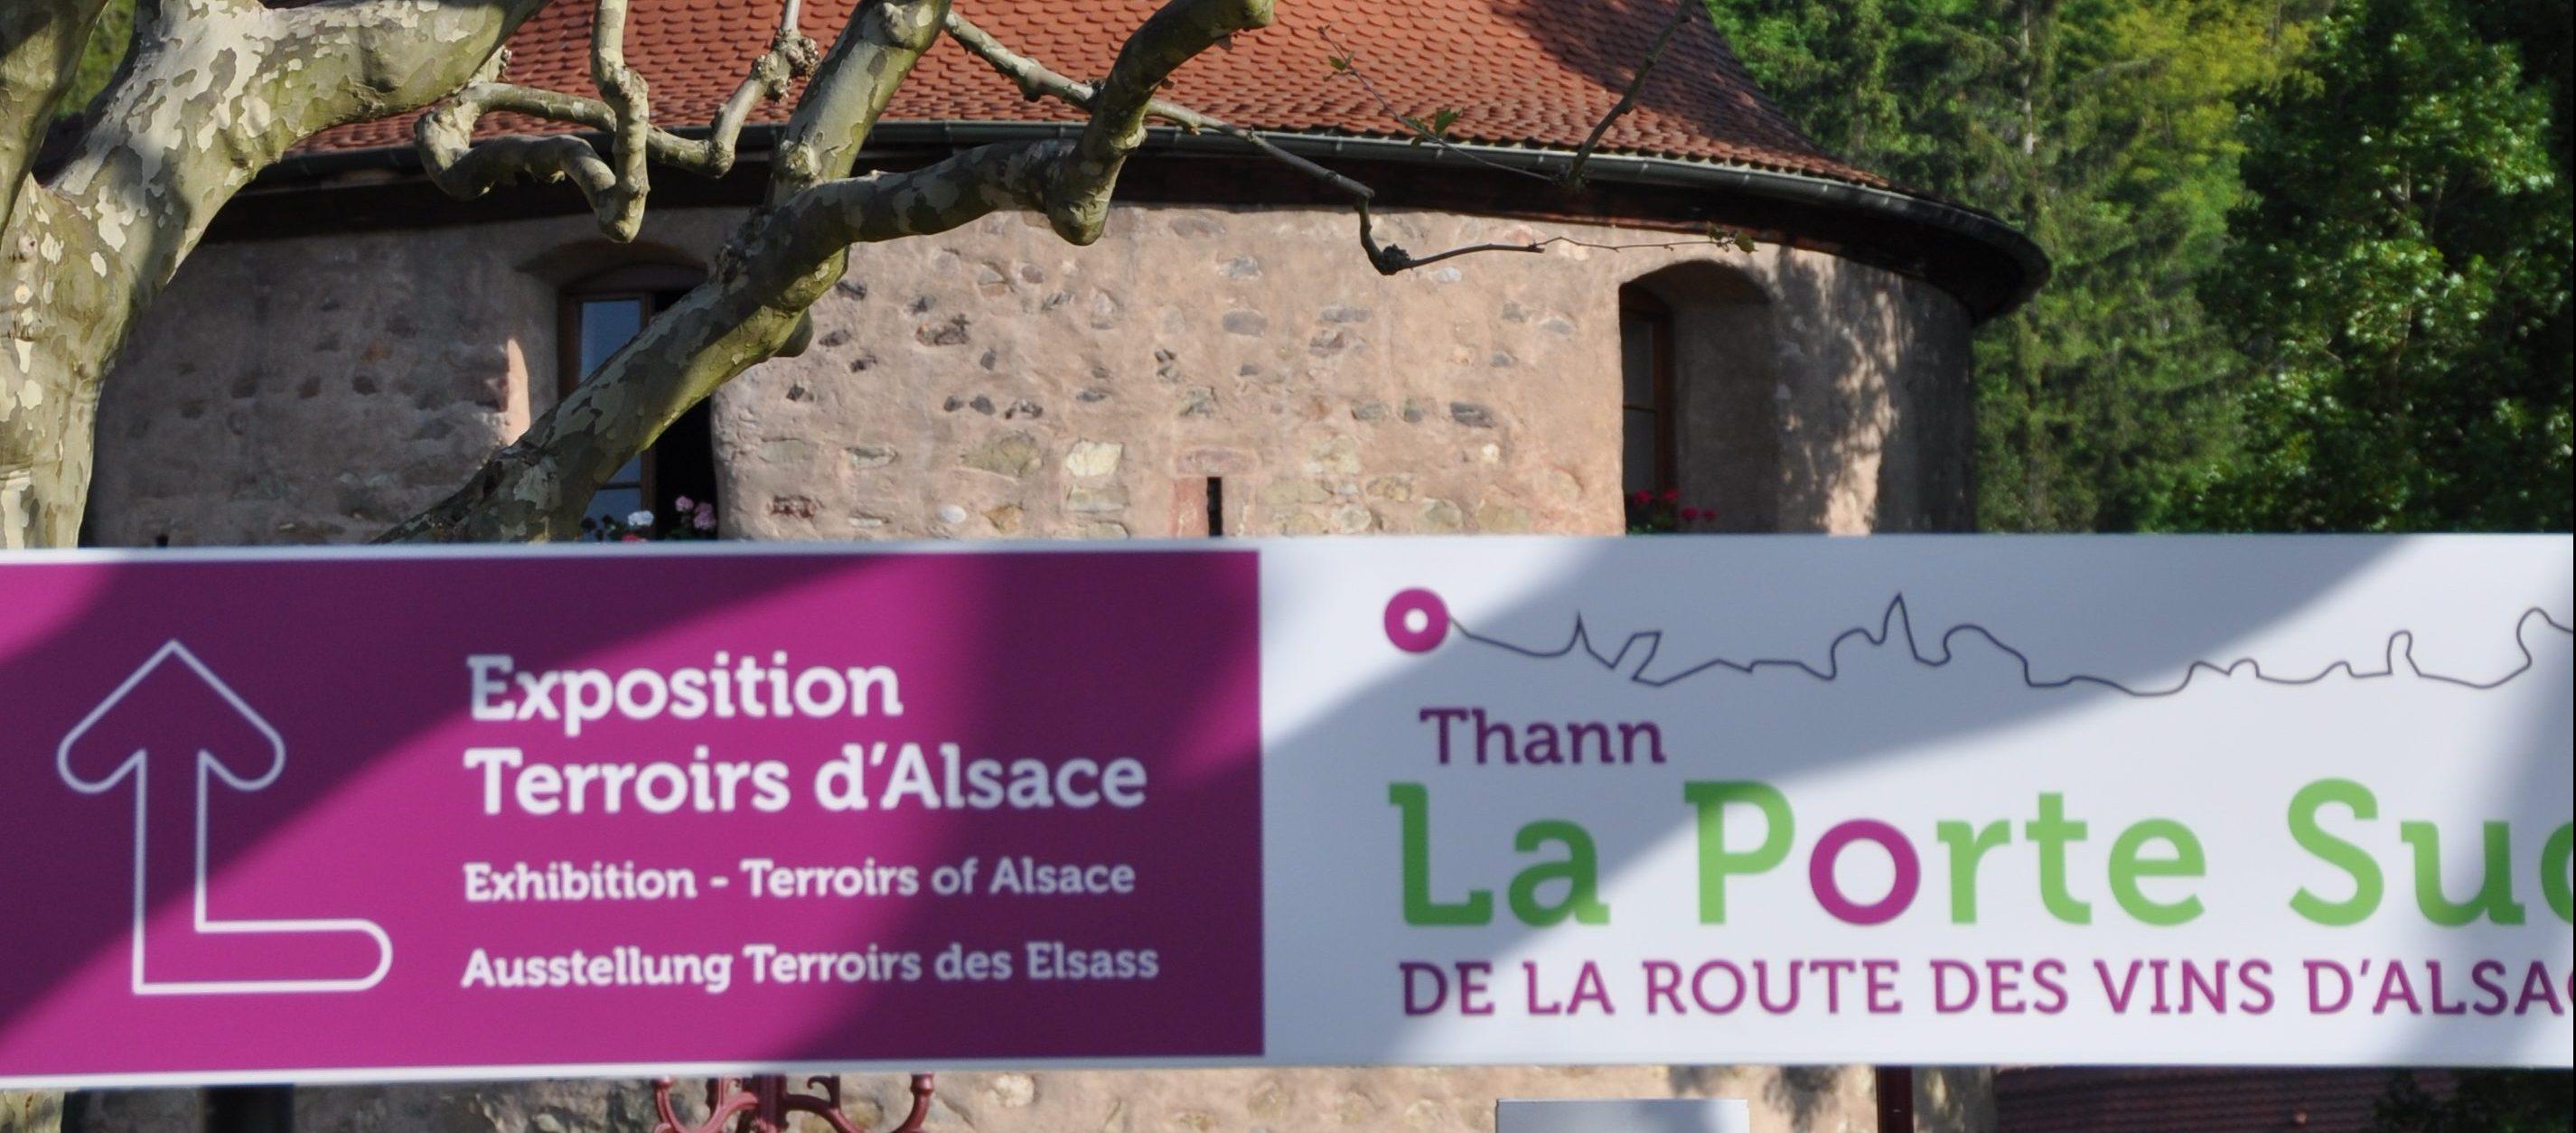 Thann-photo Porte Sud de la Route des Vins d'Alsace